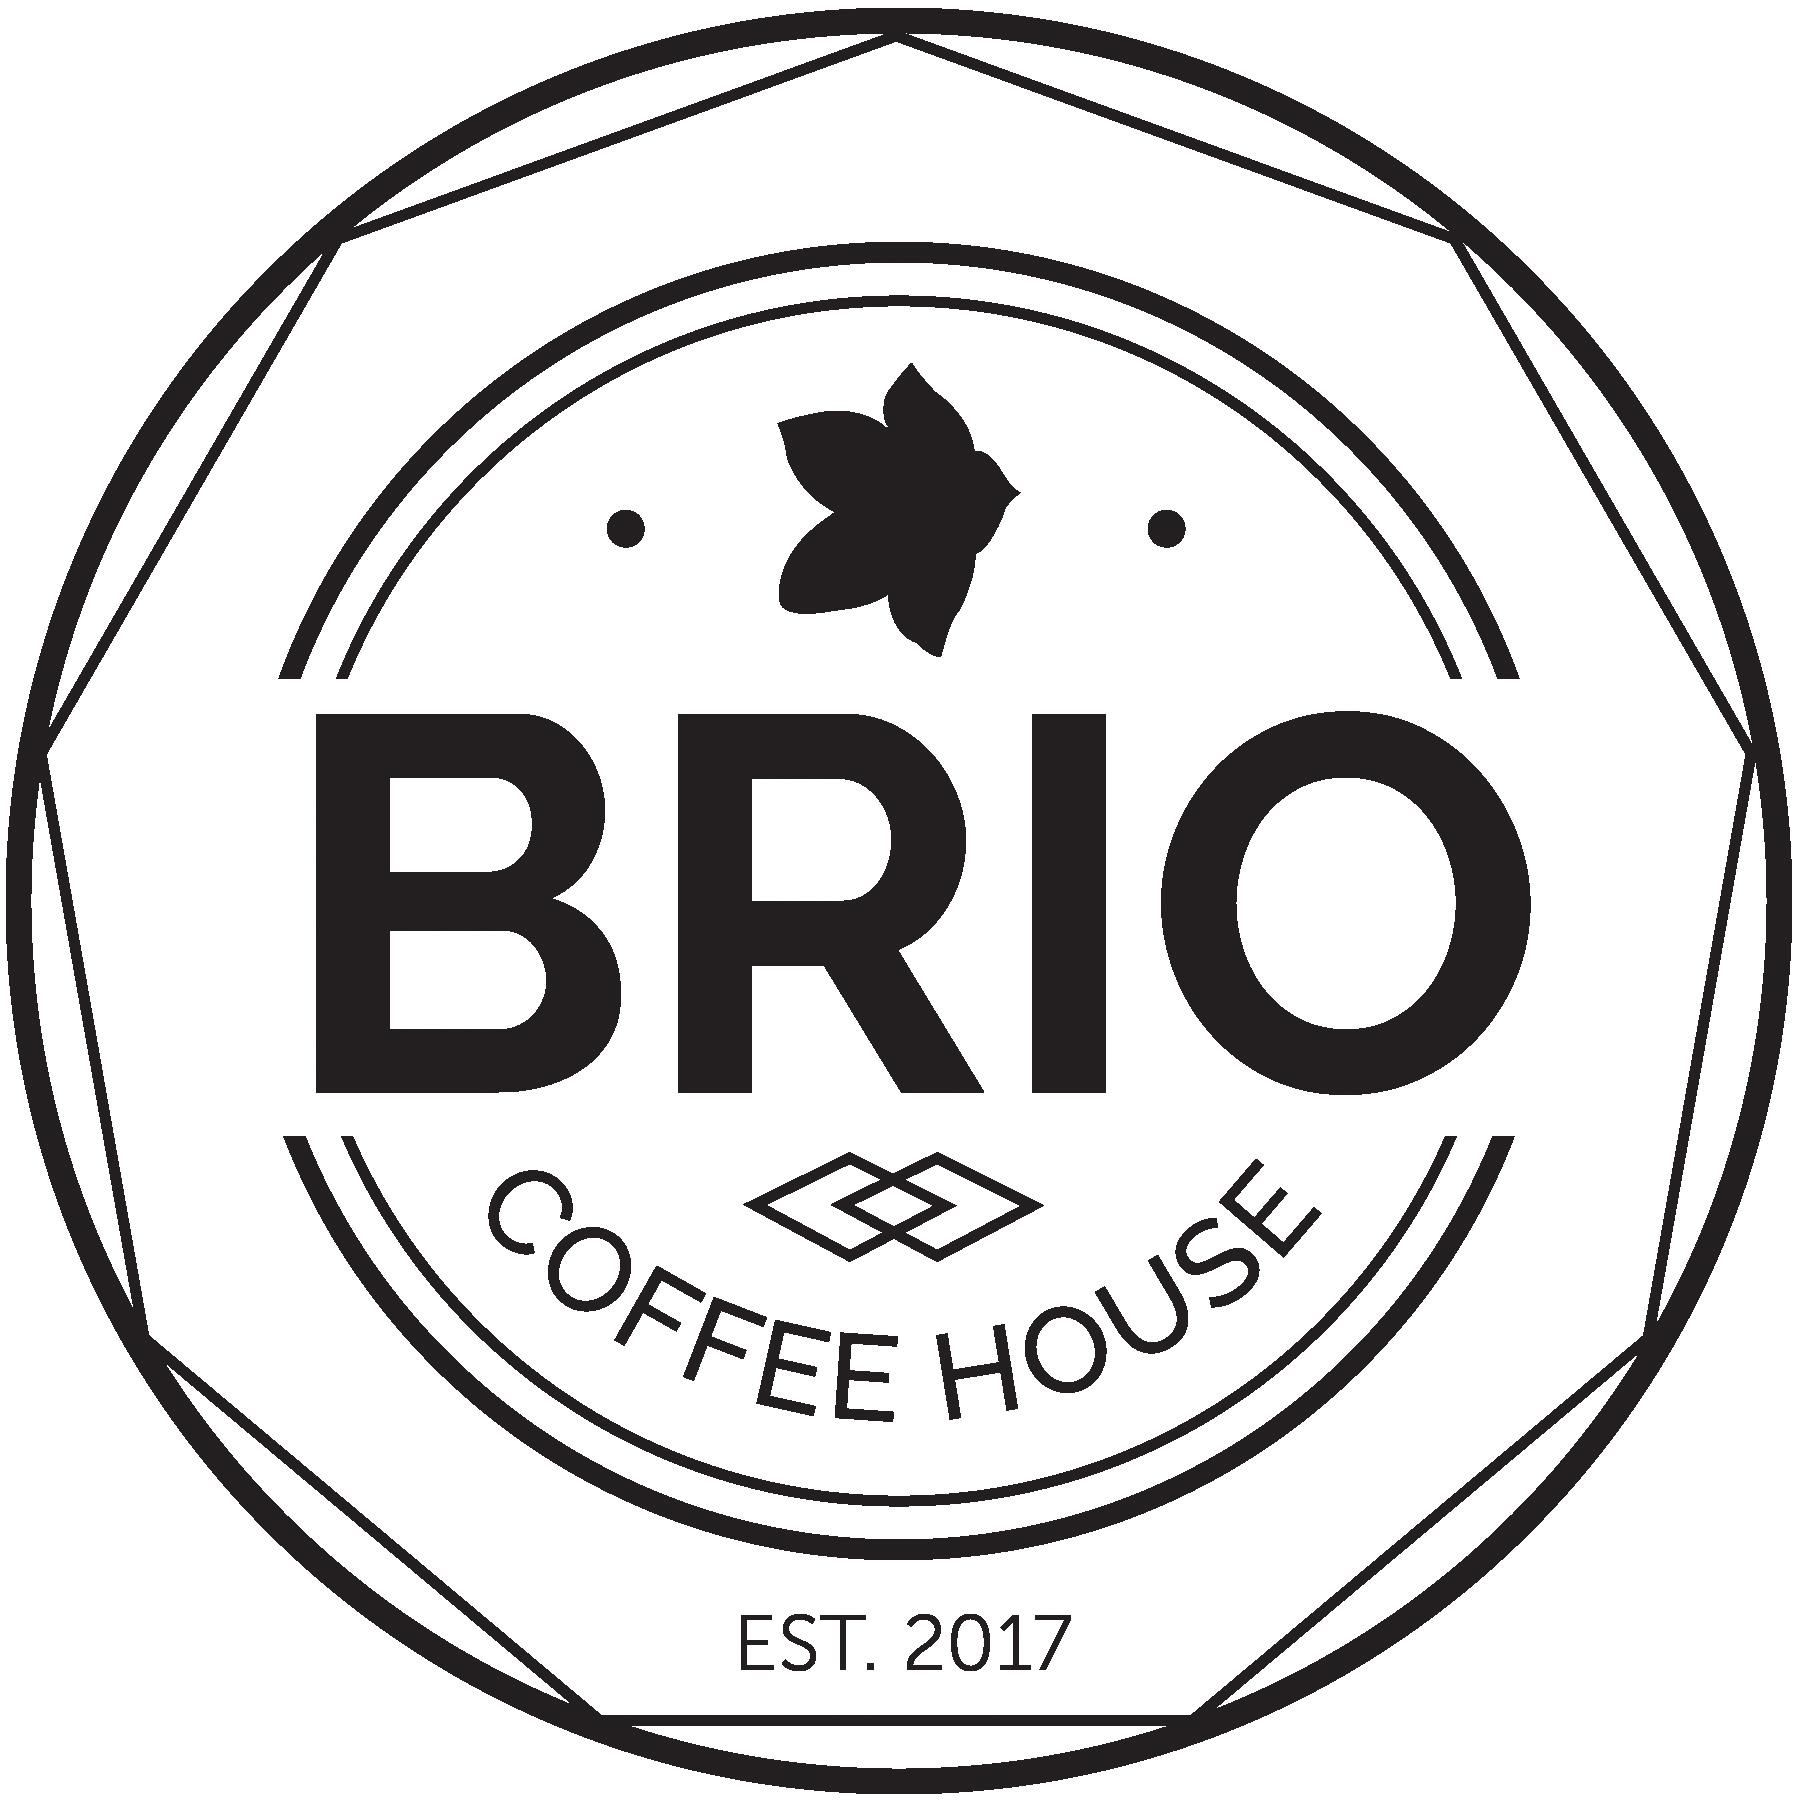 Brio Coffee House Waynesboro Pa